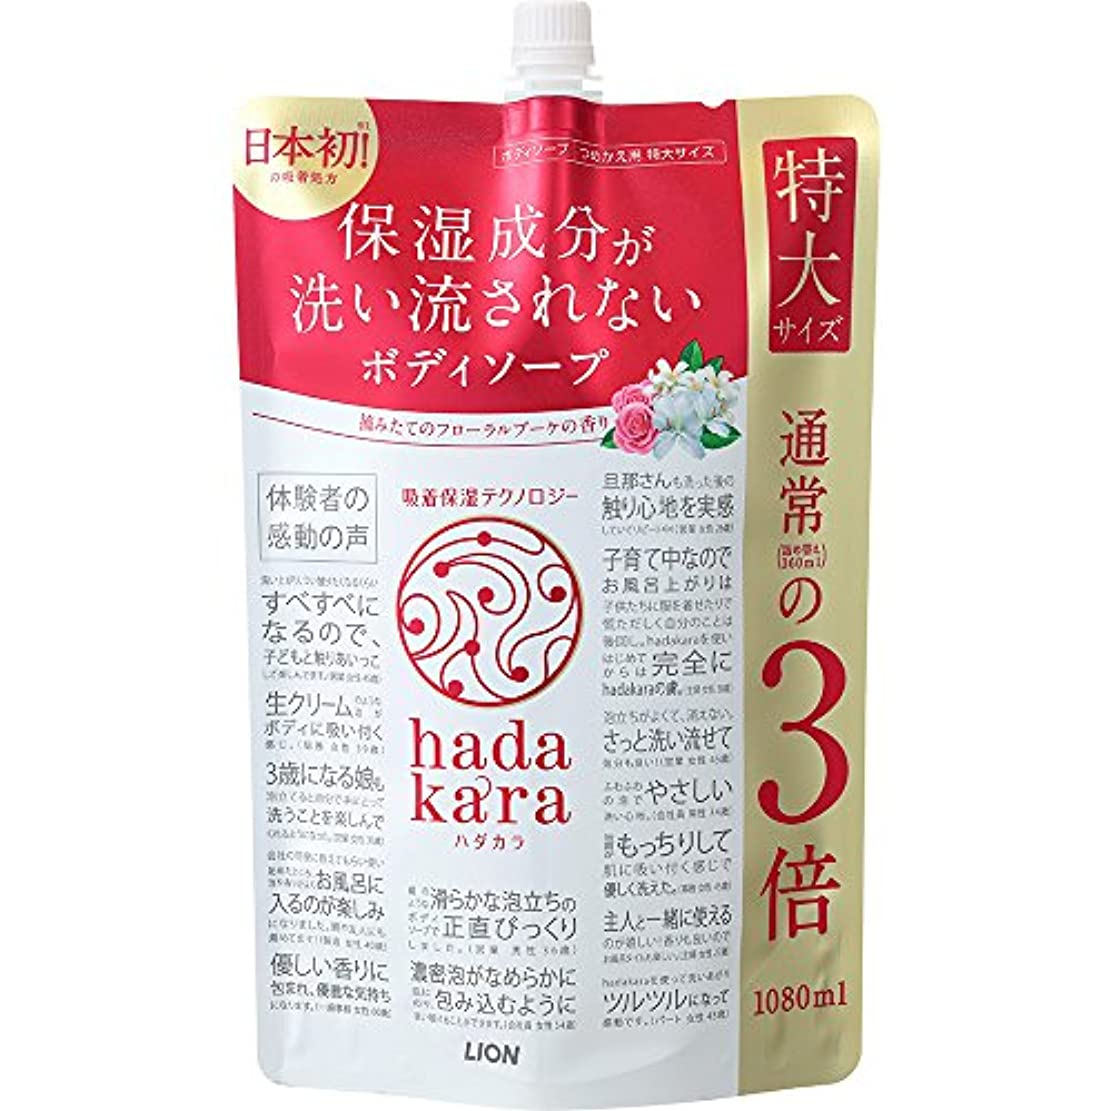 弱いコンセンサスプレフィックス【大容量】hadakara(ハダカラ) ボディソープ フローラルブーケの香り 詰め替え 特大 1080ml